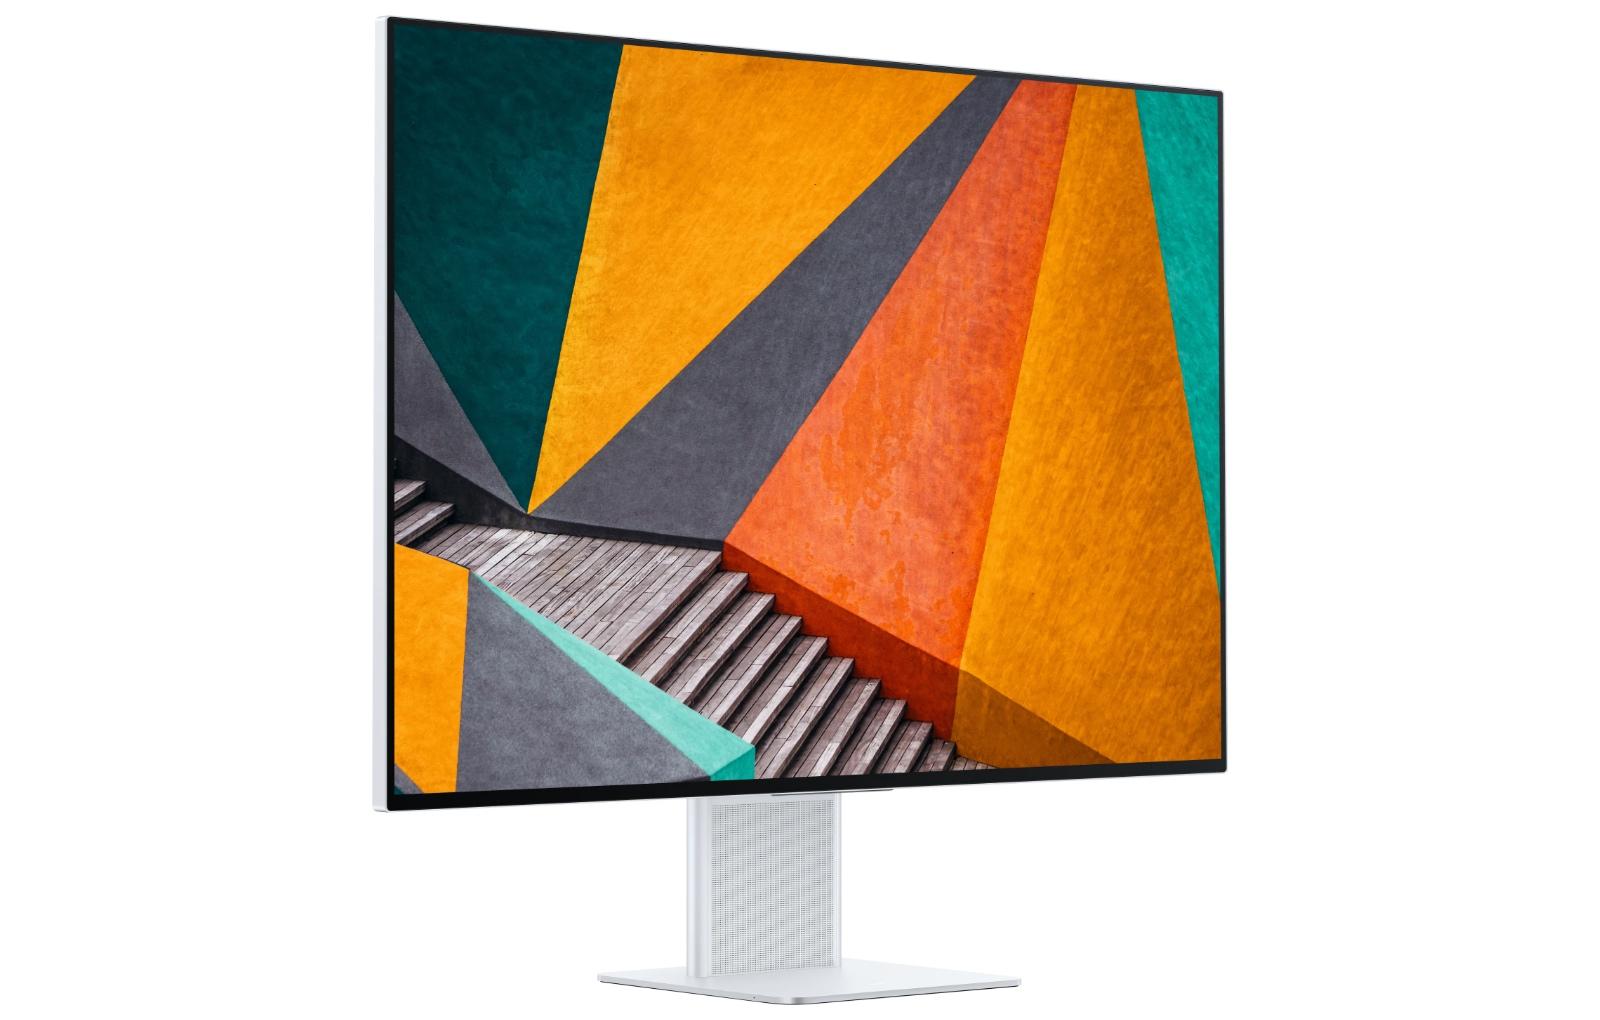 The Huawei MateView 4K+ monitor (Image source: Huawei)